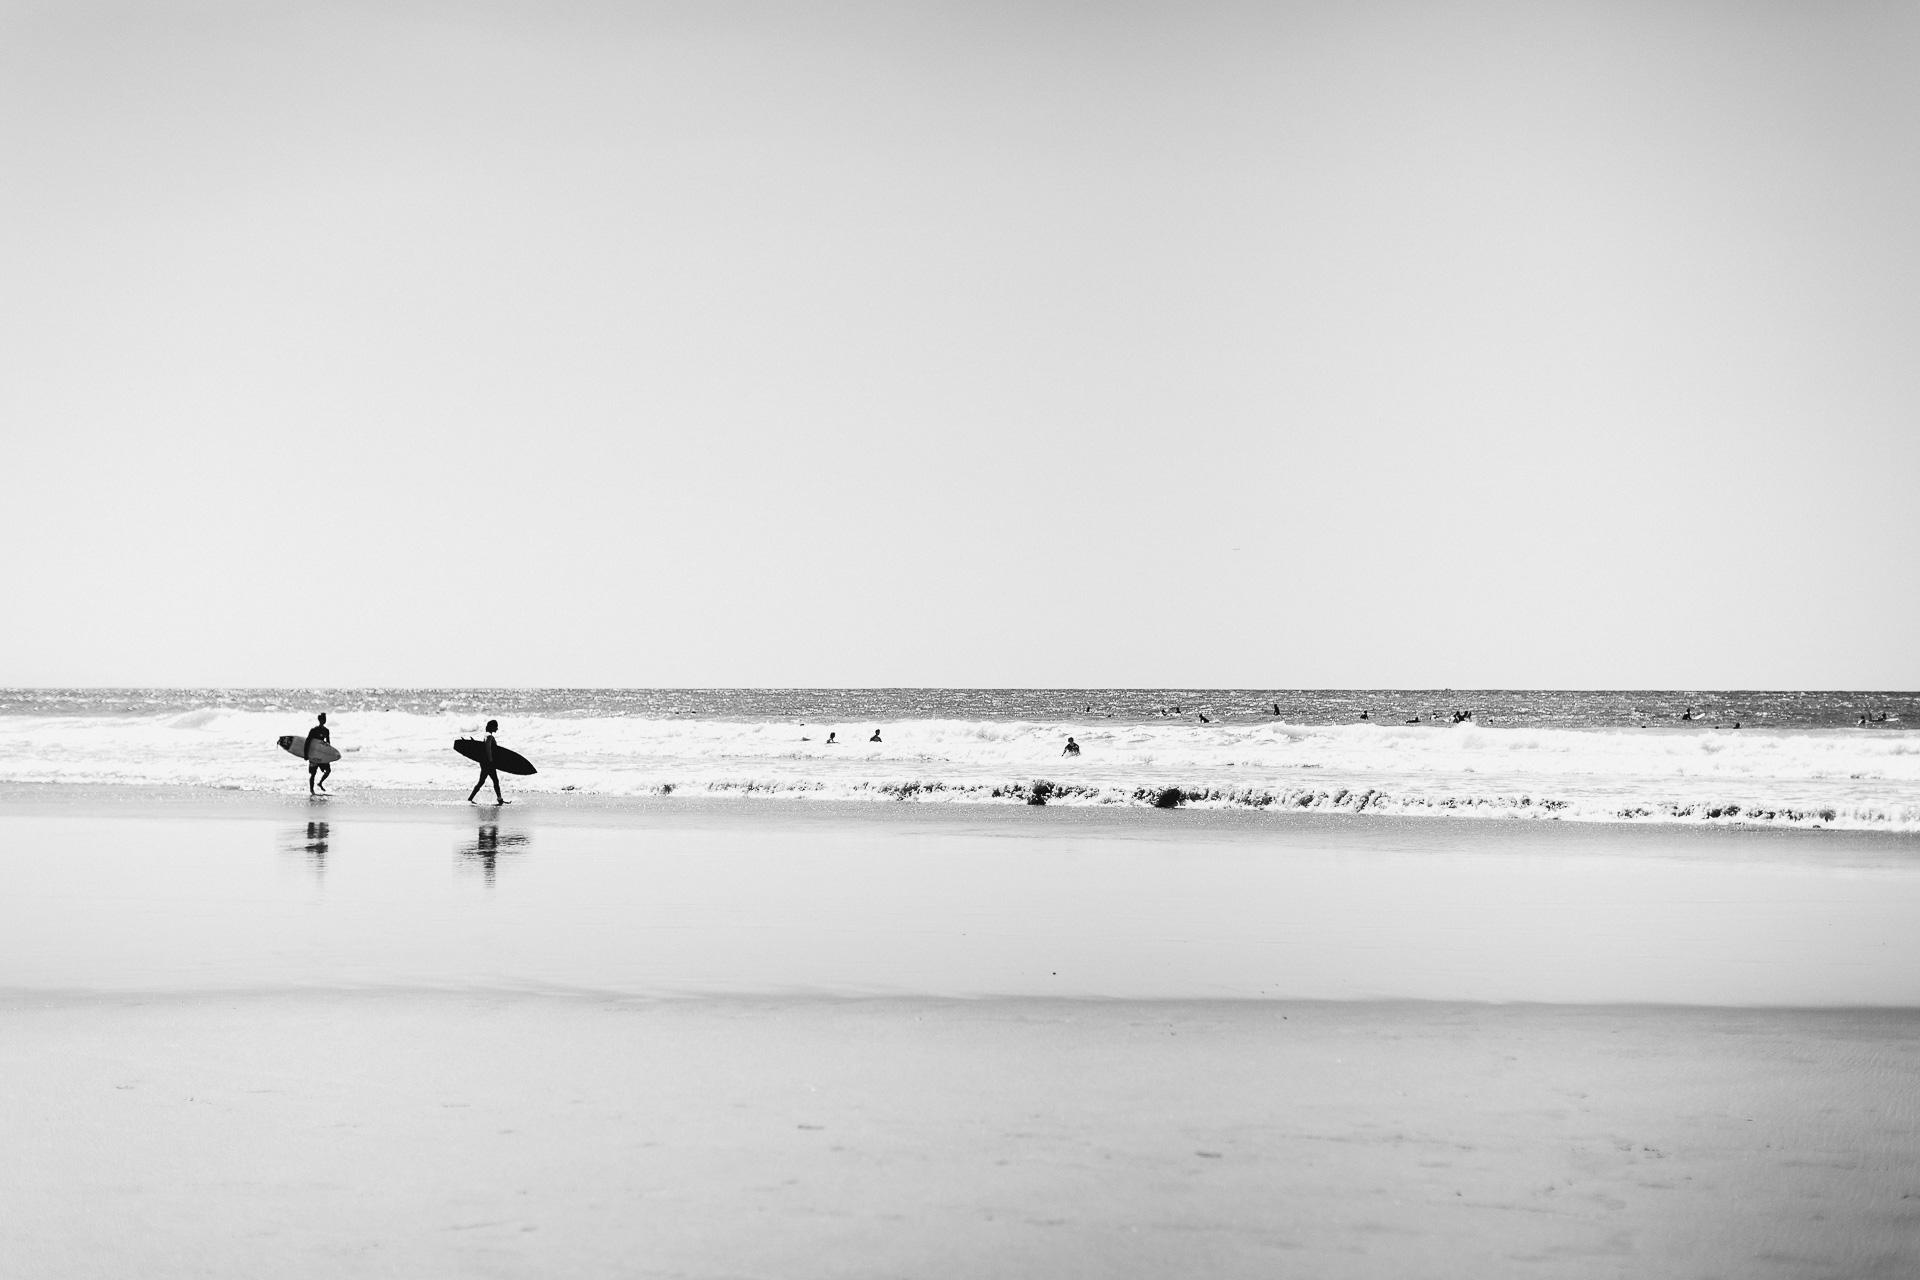 Damien-Dohmen-photographe-Ocean-6